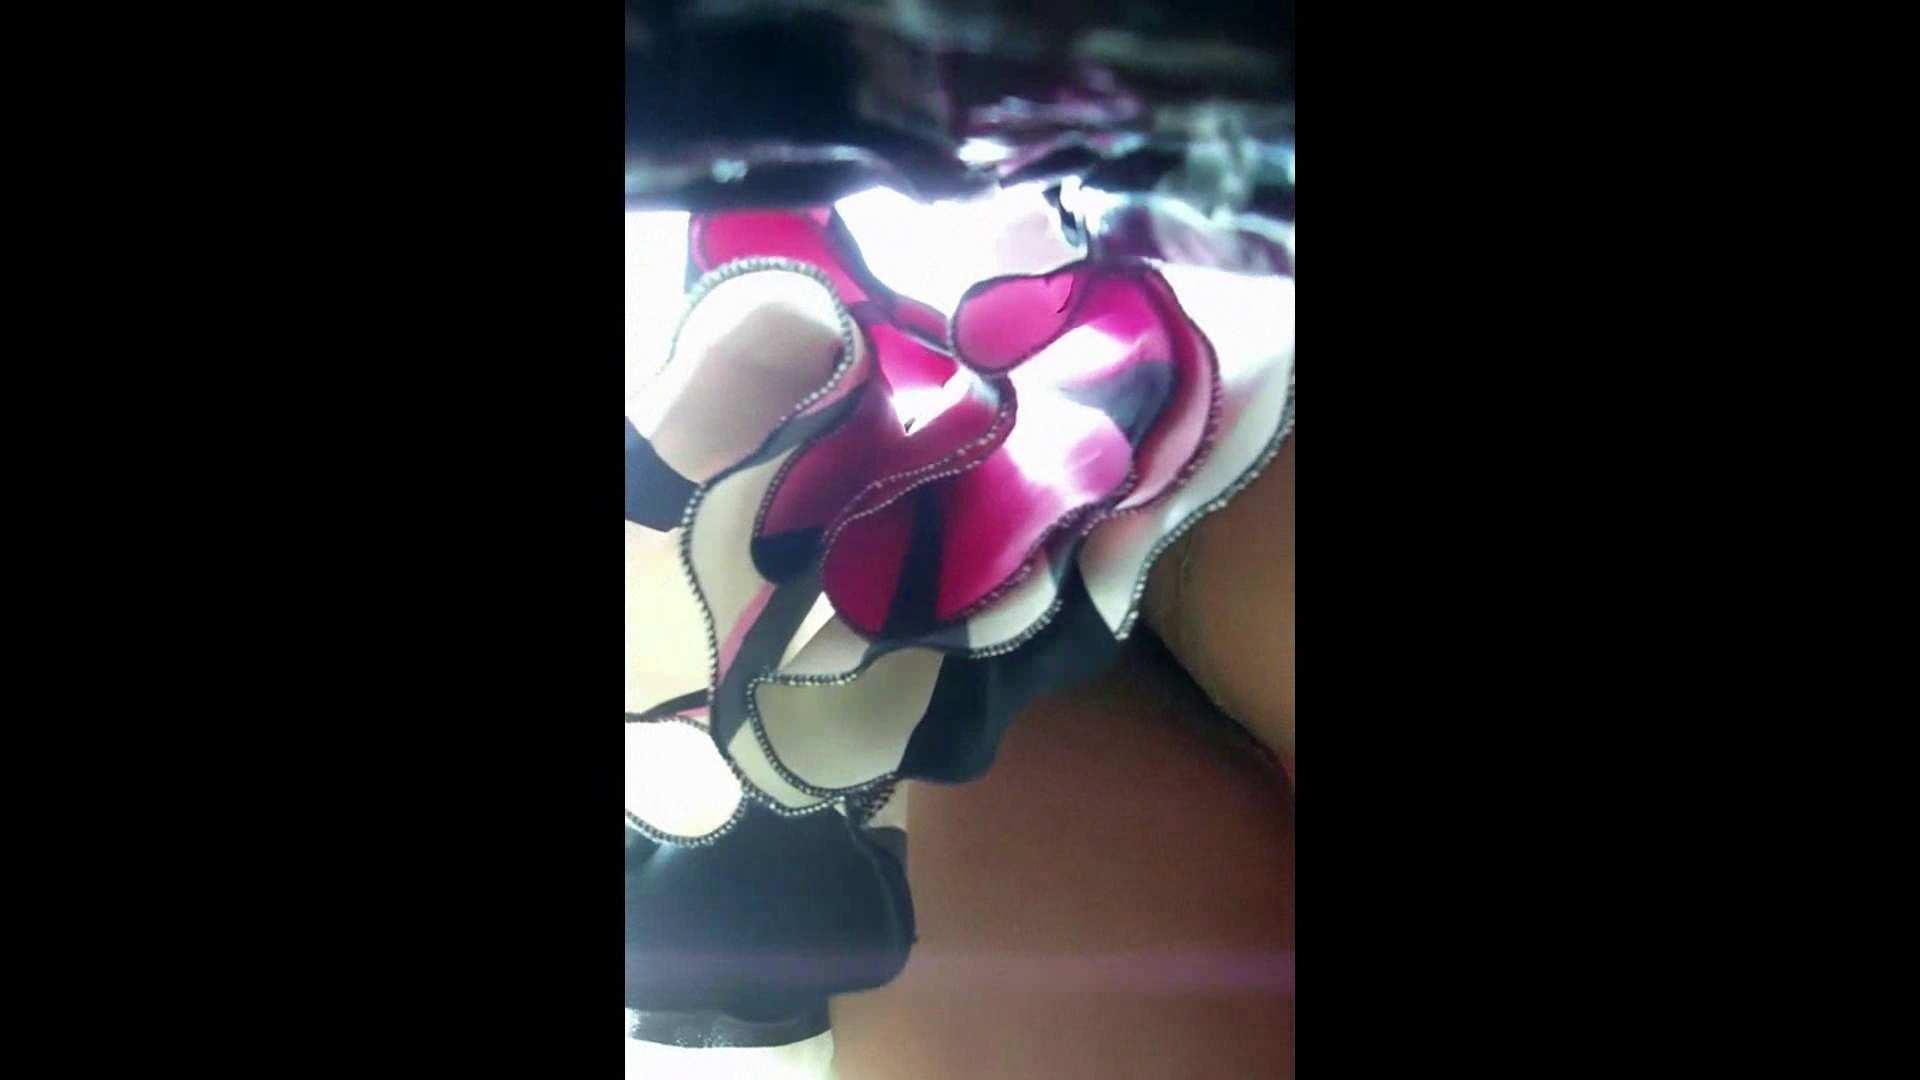 綺麗なモデルさんのスカート捲っちゃおう‼vol03 お姉さんのエロ動画 | 0  101PIX 35